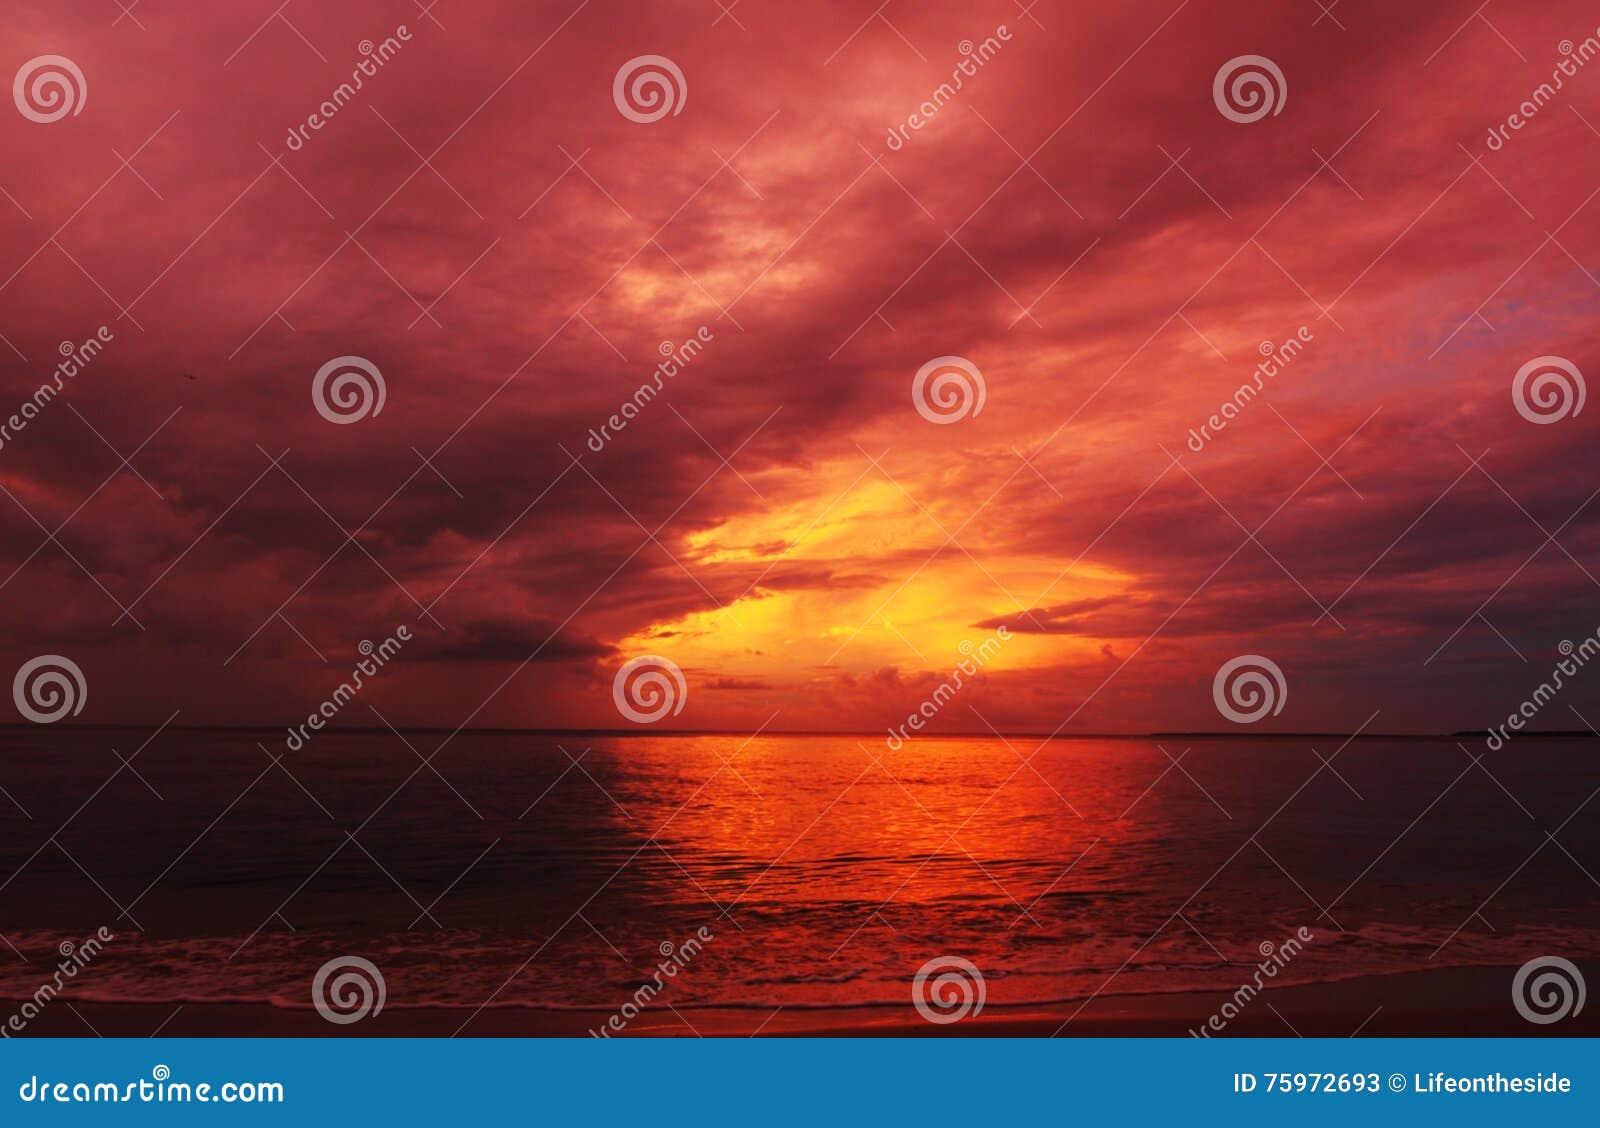 Abstrakta bakgrundsfärger avfyrar i himmelsommarsolnedgången över havet